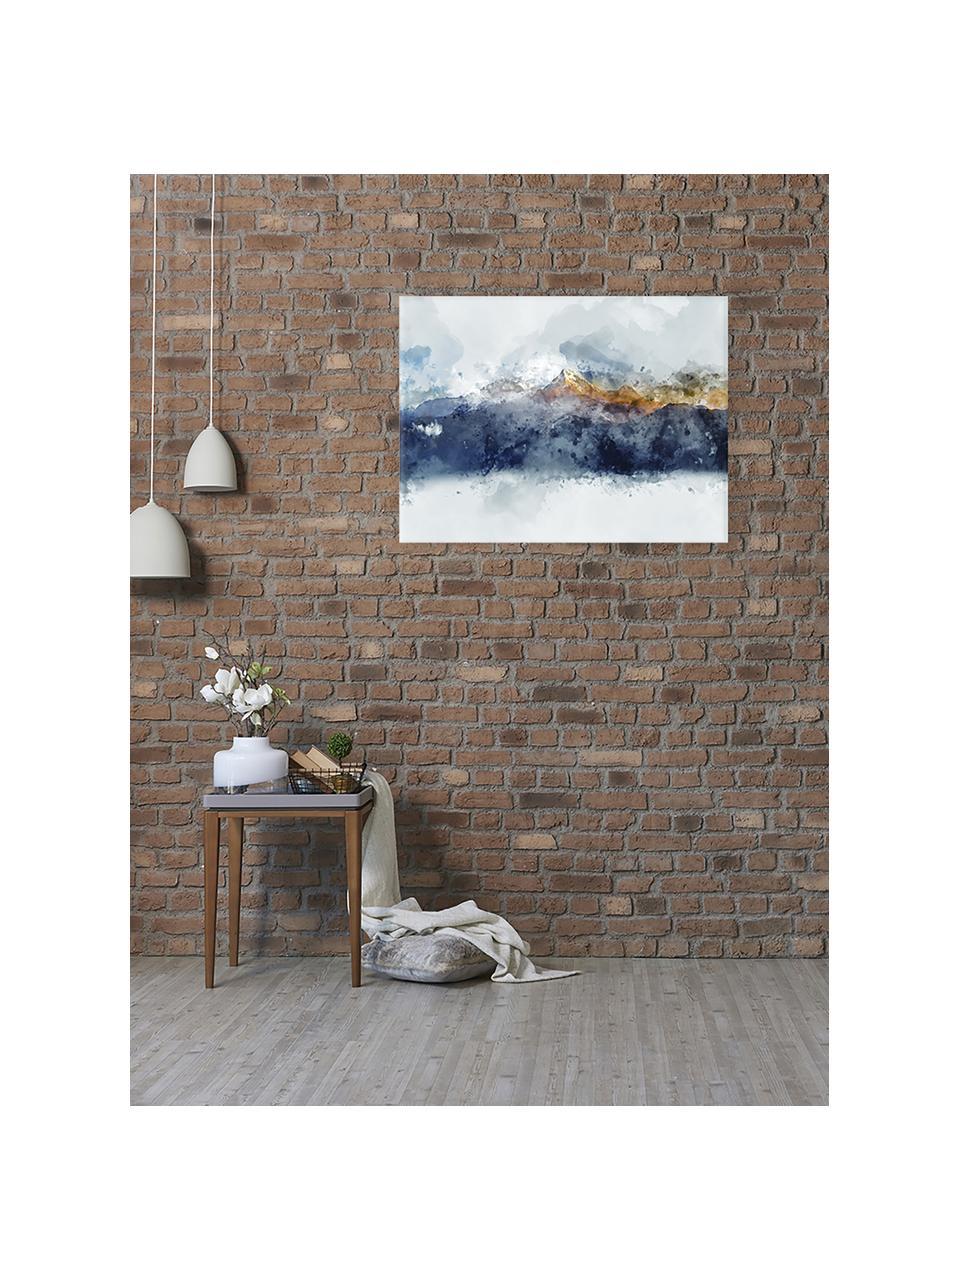 Leinwanddruck Abstract Mountain, Bild: Digitaldruck auf Leinen, Mehrfarbig, 80 x 60 cm